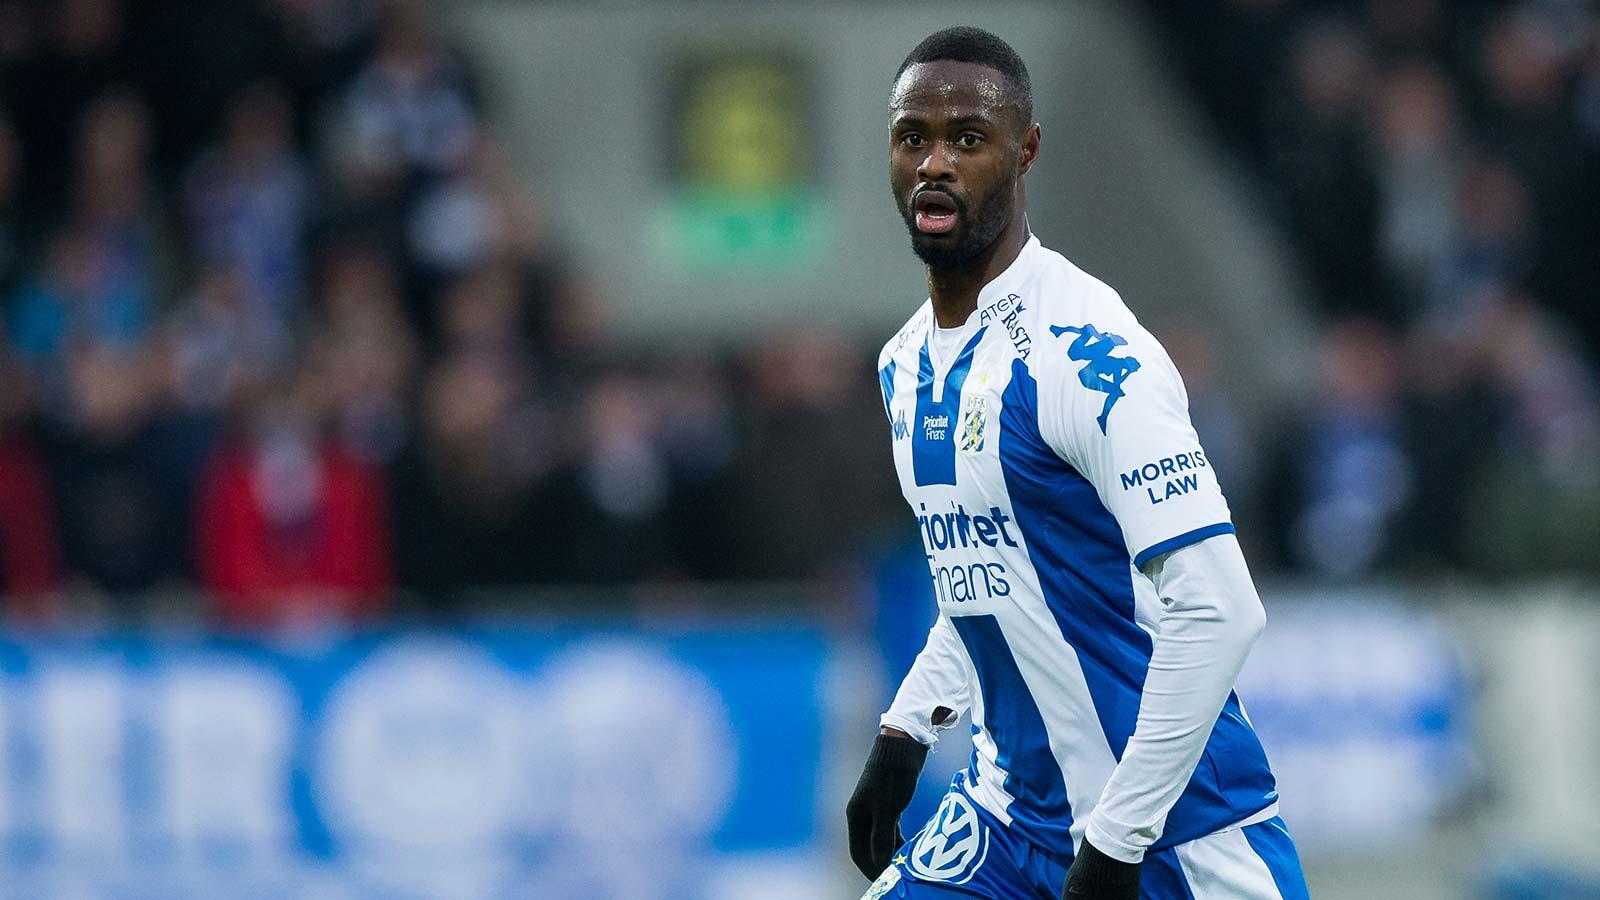 180217 IFK Göteborgs Vajebah Kaliefah Sakor under en fotbollsmatch i Svenska Cupen mellan IFK Göteborg och Varberg den 17 februari 2018 i Göteborg.